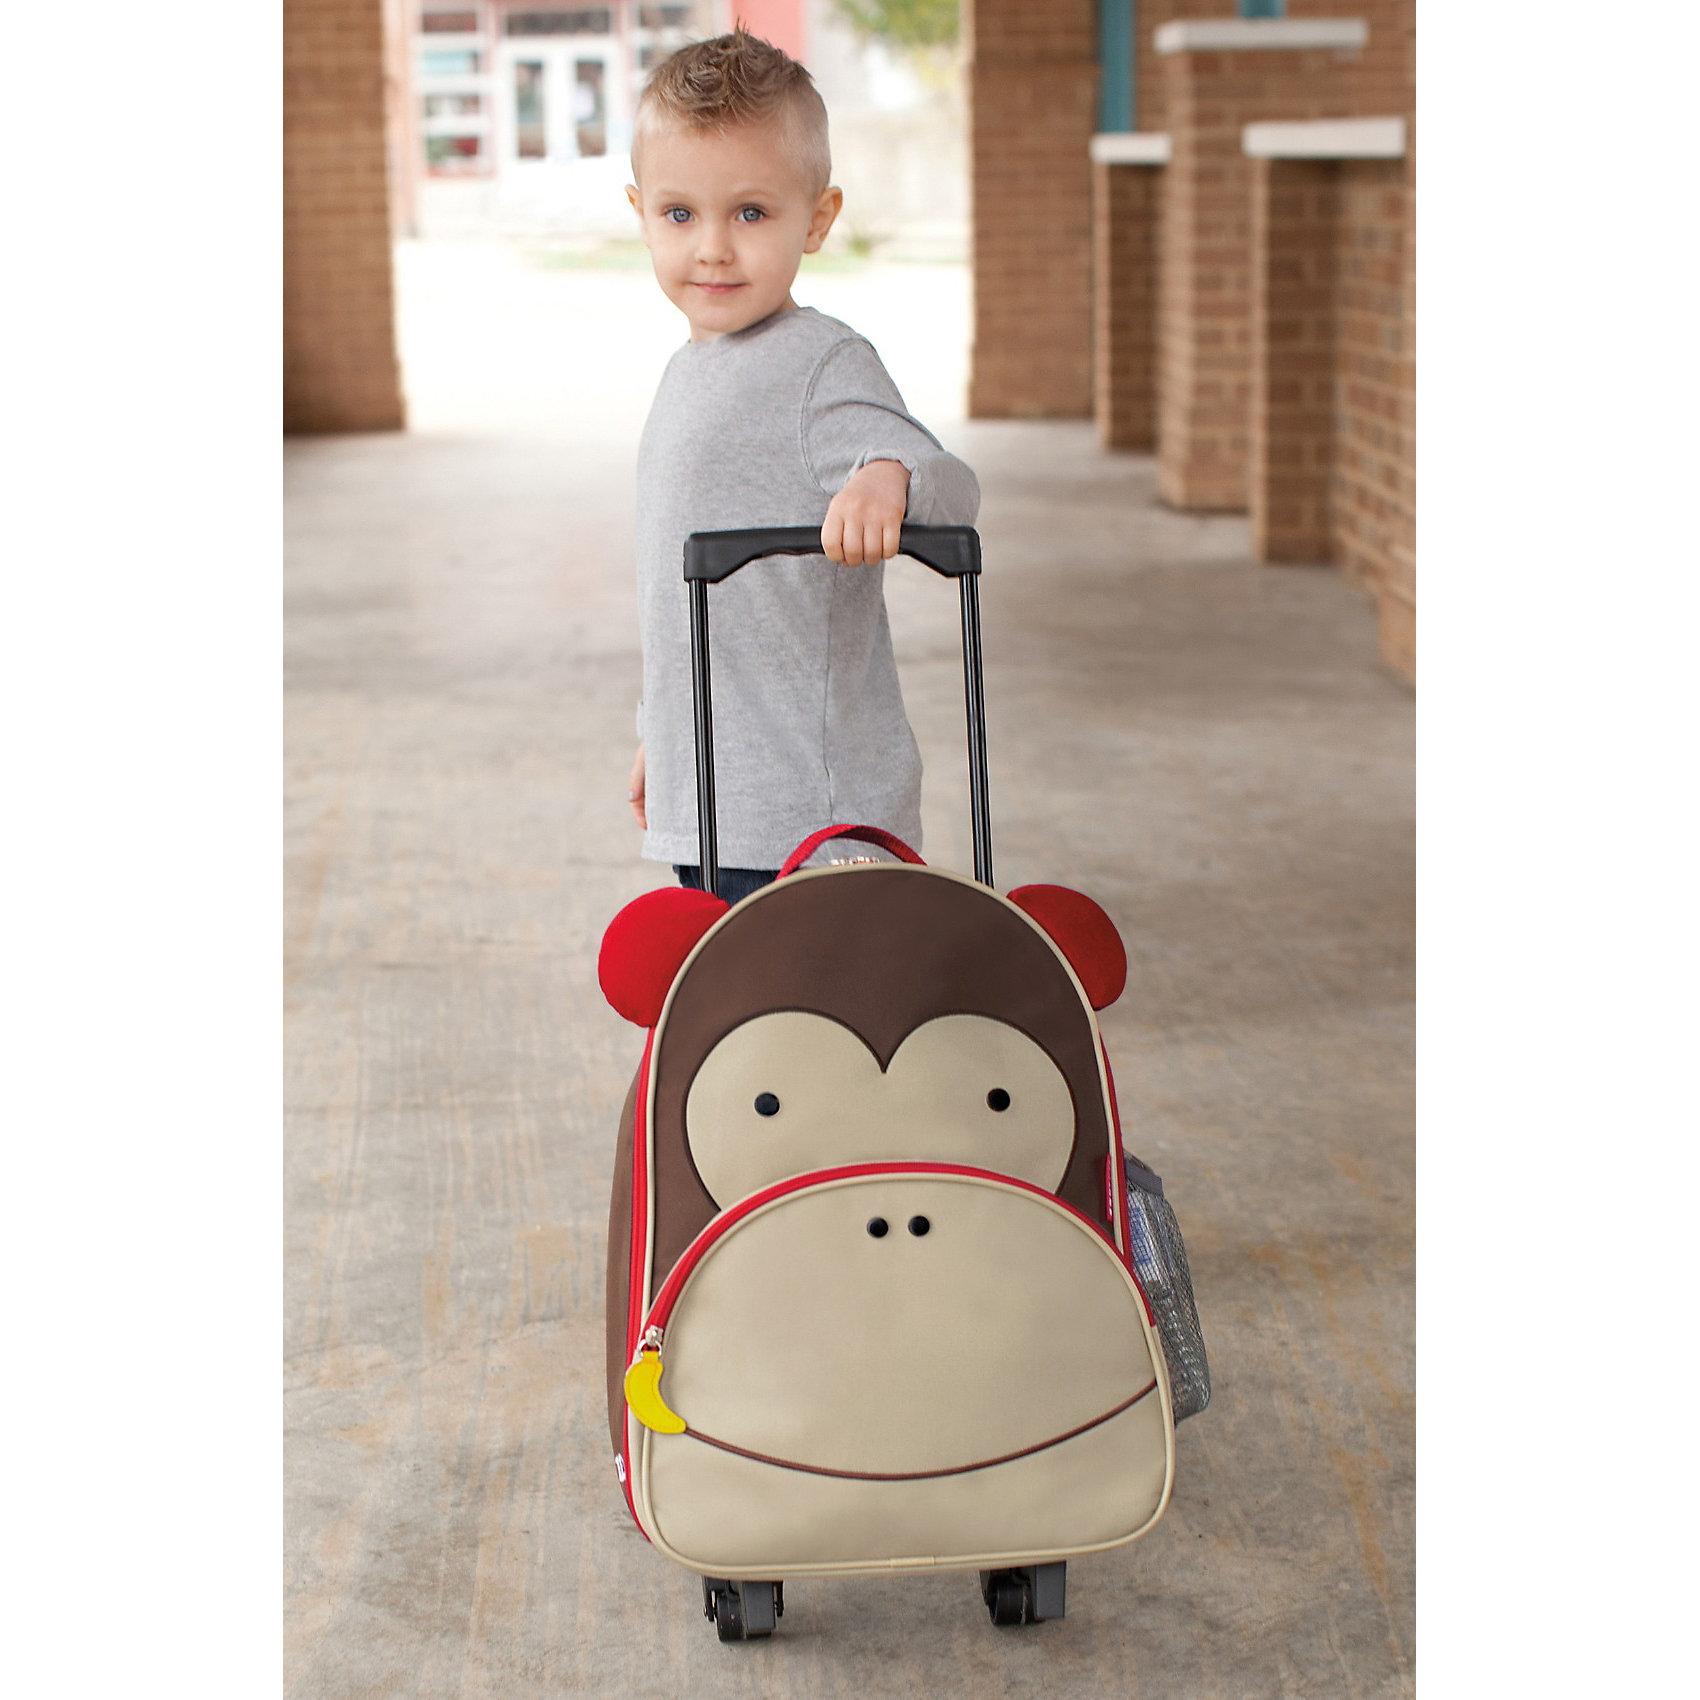 Чемодан детский Обезьяна, Skip HopДорожные сумки и чемоданы<br>Характеристики товара:<br><br>• возраст от 3 лет;<br>• материал: полиэстер, пластик;<br>• вместительный основной отсек <br>• выдвижная ручка<br>• чемодан на колесиках<br>• боковой кармашек для бутылочки<br>• передний кармашек на молнии<br>• съемный регулируемый плечевой ремень для родителей<br>• легко очищается и стирается<br>• не содержат BPA (Бисфенол А), Phthalate (Фталат)<br>• размер чемодана 43х30х13 см;<br>• высота выдвинутой ручки 71 см;<br>• страна производитель: Китай.<br><br>Чемодан детский «Обезьяна» Skip Hop — яркий чемодан в виде обезьянки с глазками и ушками для путешествий или поездок с малышом. В основном отделении ребенок может разложить все необходимые ему в поездке вещи. Спереди имеется карман на молнии для мелочей, салфеток, карандашей, блокнотов. Сбоку сетчатый кармашек для бутылочки с водой или контейнера с перекусом.<br><br>Благодаря 2 колесикам чемодан легко перевозить. Ножки защищают от влаги и загрязнений. Прочный каркас не дает содержимому повреждаться. Для родителей предусмотрен съемный ремешок, при помощи которого чемодан можно переносить на плече как рюкзак. Изготовлен чемодан из прочных износостойких материалов с использованием нетоксичных красителей.<br><br>Чемодан детский «Обезьяна» Skip Hop можно приобрести в нашем интернет-магазине.<br><br>Ширина мм: 463<br>Глубина мм: 330<br>Высота мм: 187<br>Вес г: 1036<br>Цвет: коричневый<br>Возраст от месяцев: 24<br>Возраст до месяцев: 60<br>Пол: Унисекс<br>Возраст: Детский<br>SKU: 3688440